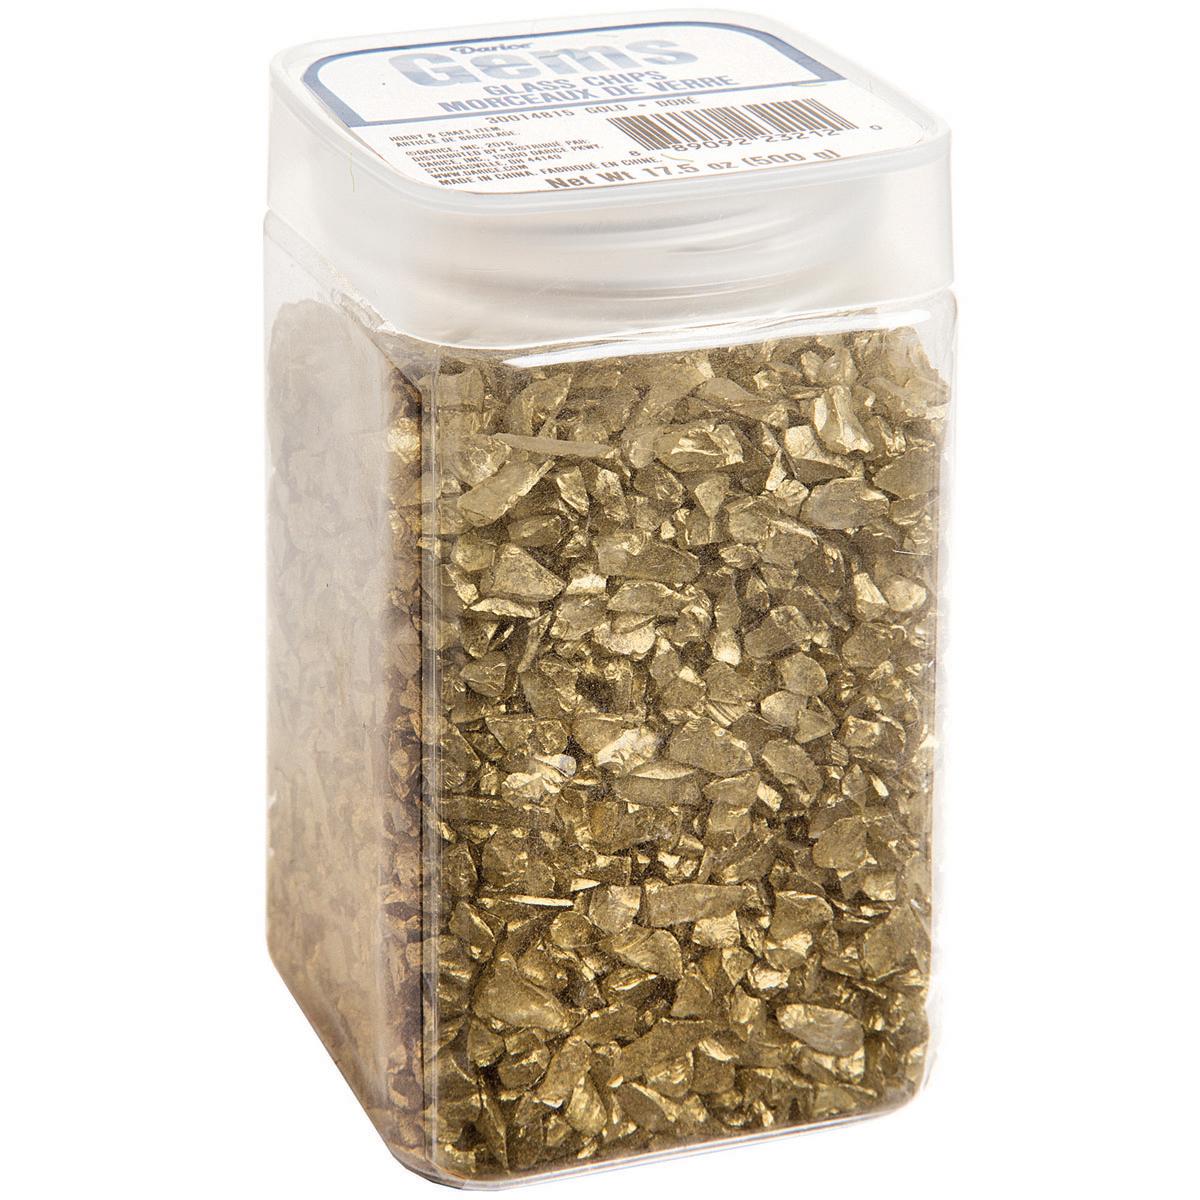 Darice Crushed Glass Vase Filler: Gold Chips, 500 grams